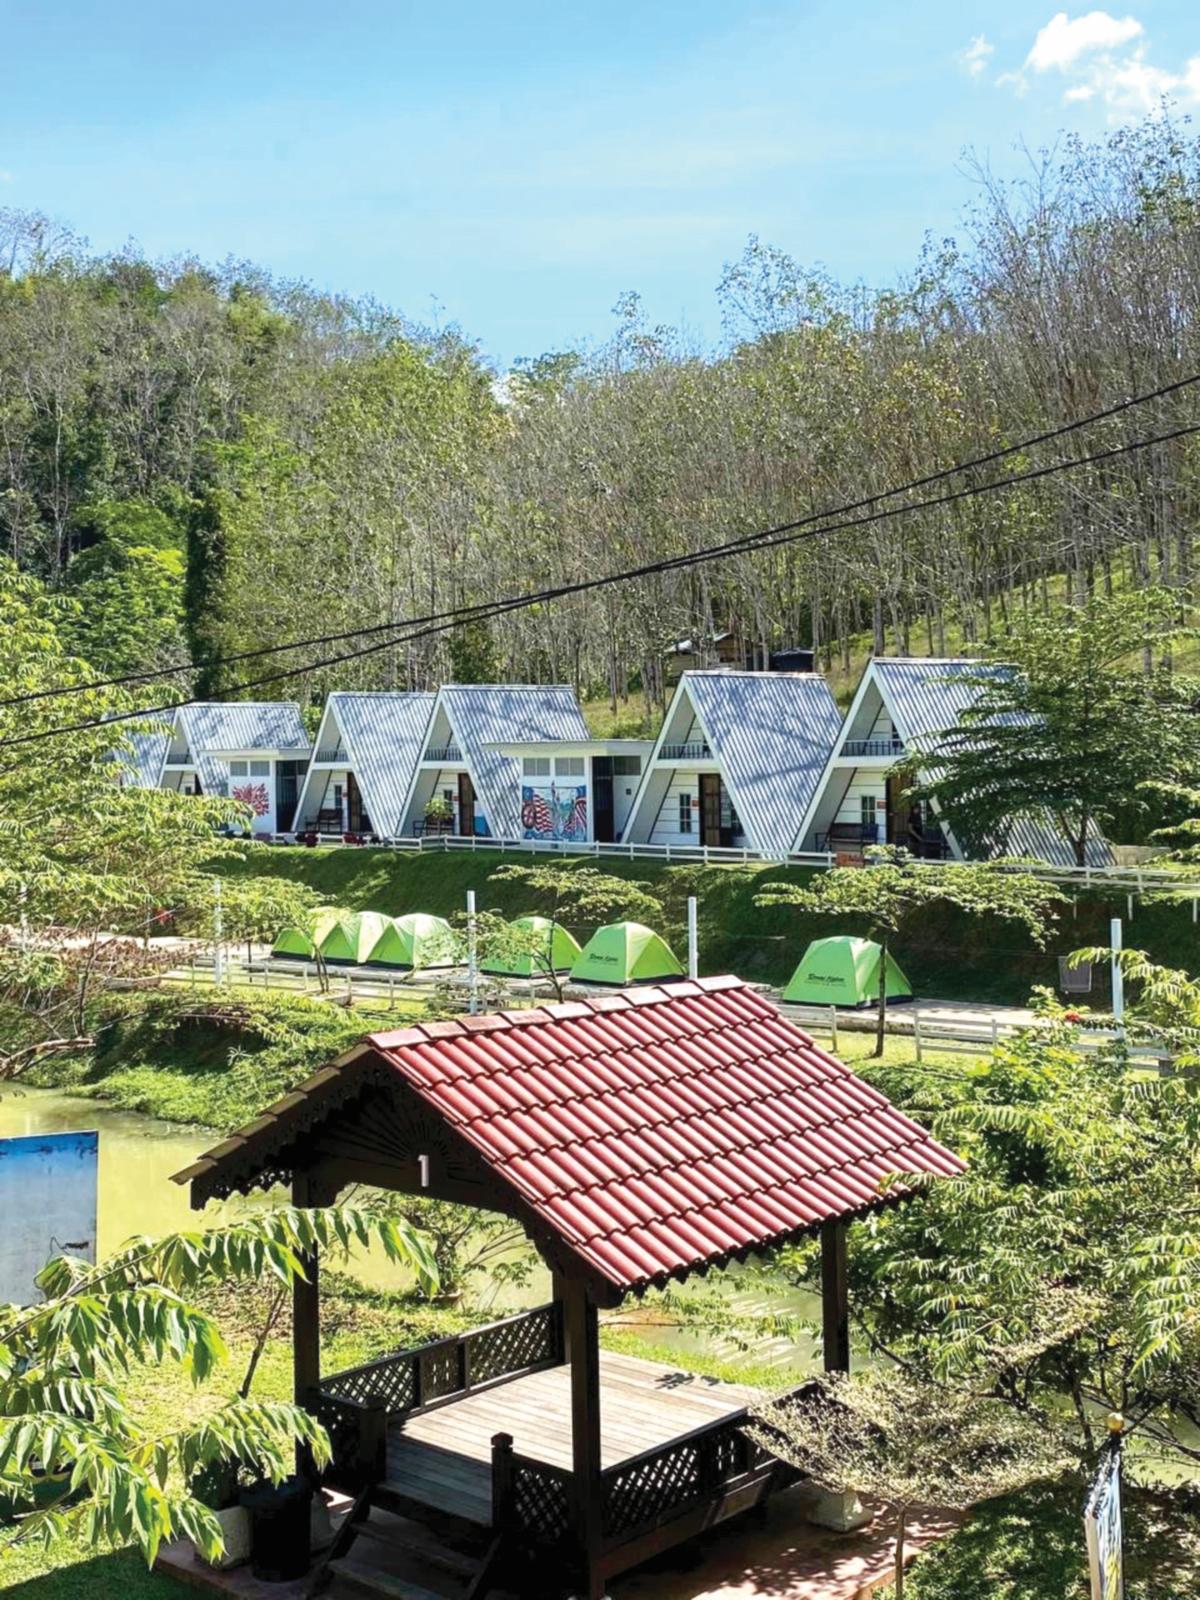 STRUKTUR chalet berbentuk piramid yang membuatkan kawasan itu  kelihatan seolah-olah perkampungan di luar negara.